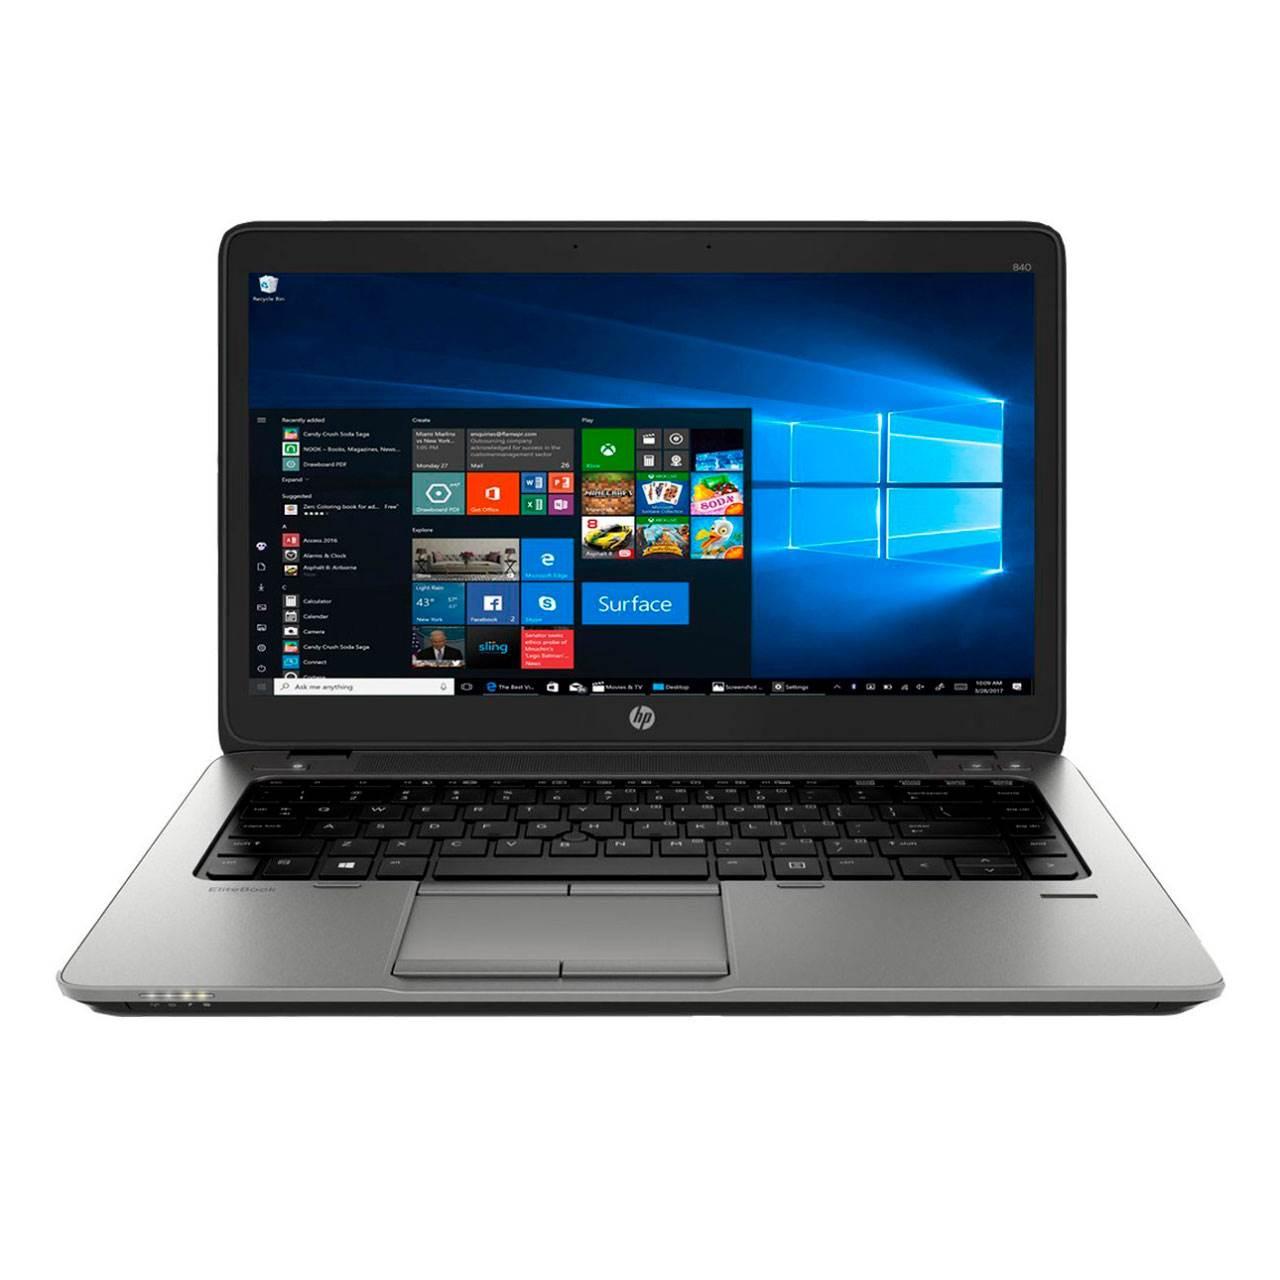 اچ پی / لپ تاپ استوک اچ پی مدل HP EliteBook 840 G1